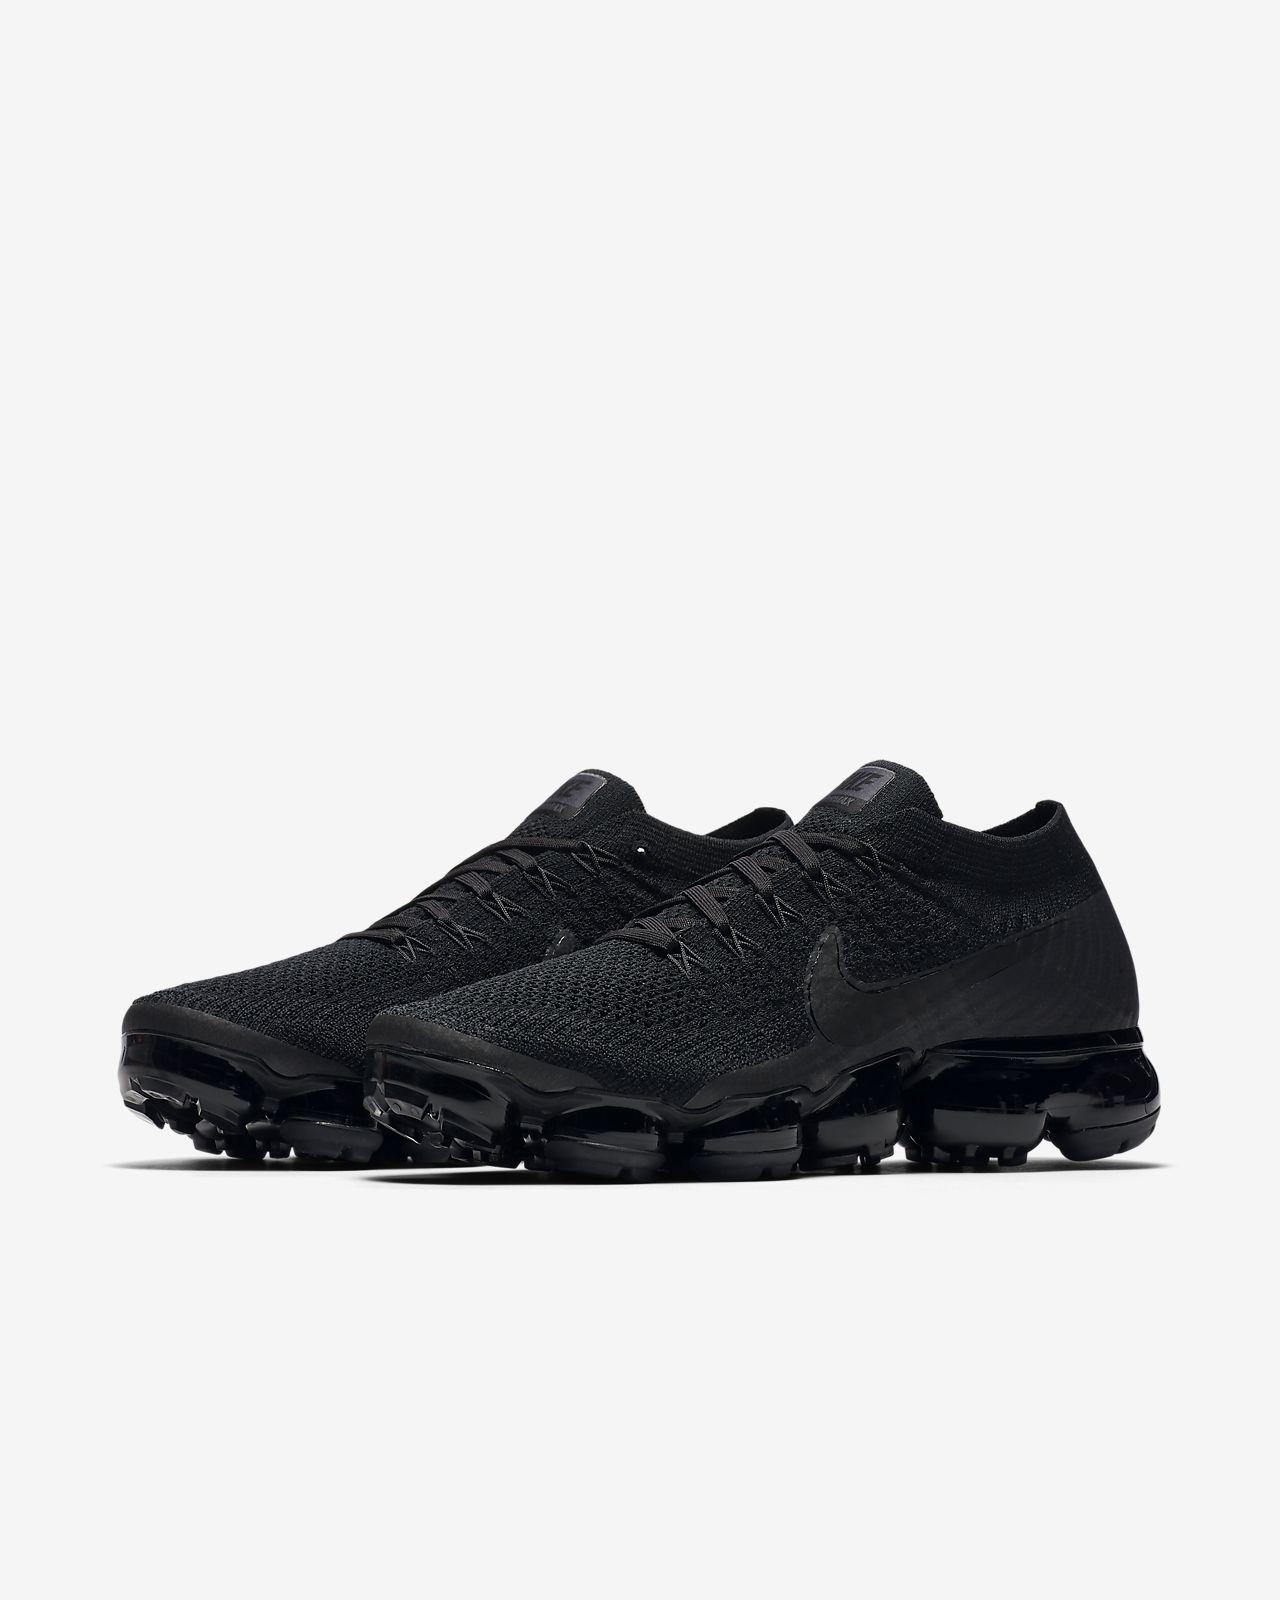 finest selection f6f16 cd604 ... Chaussure de running Nike Air VaporMax Flyknit « Triple Noir » pour  Femme